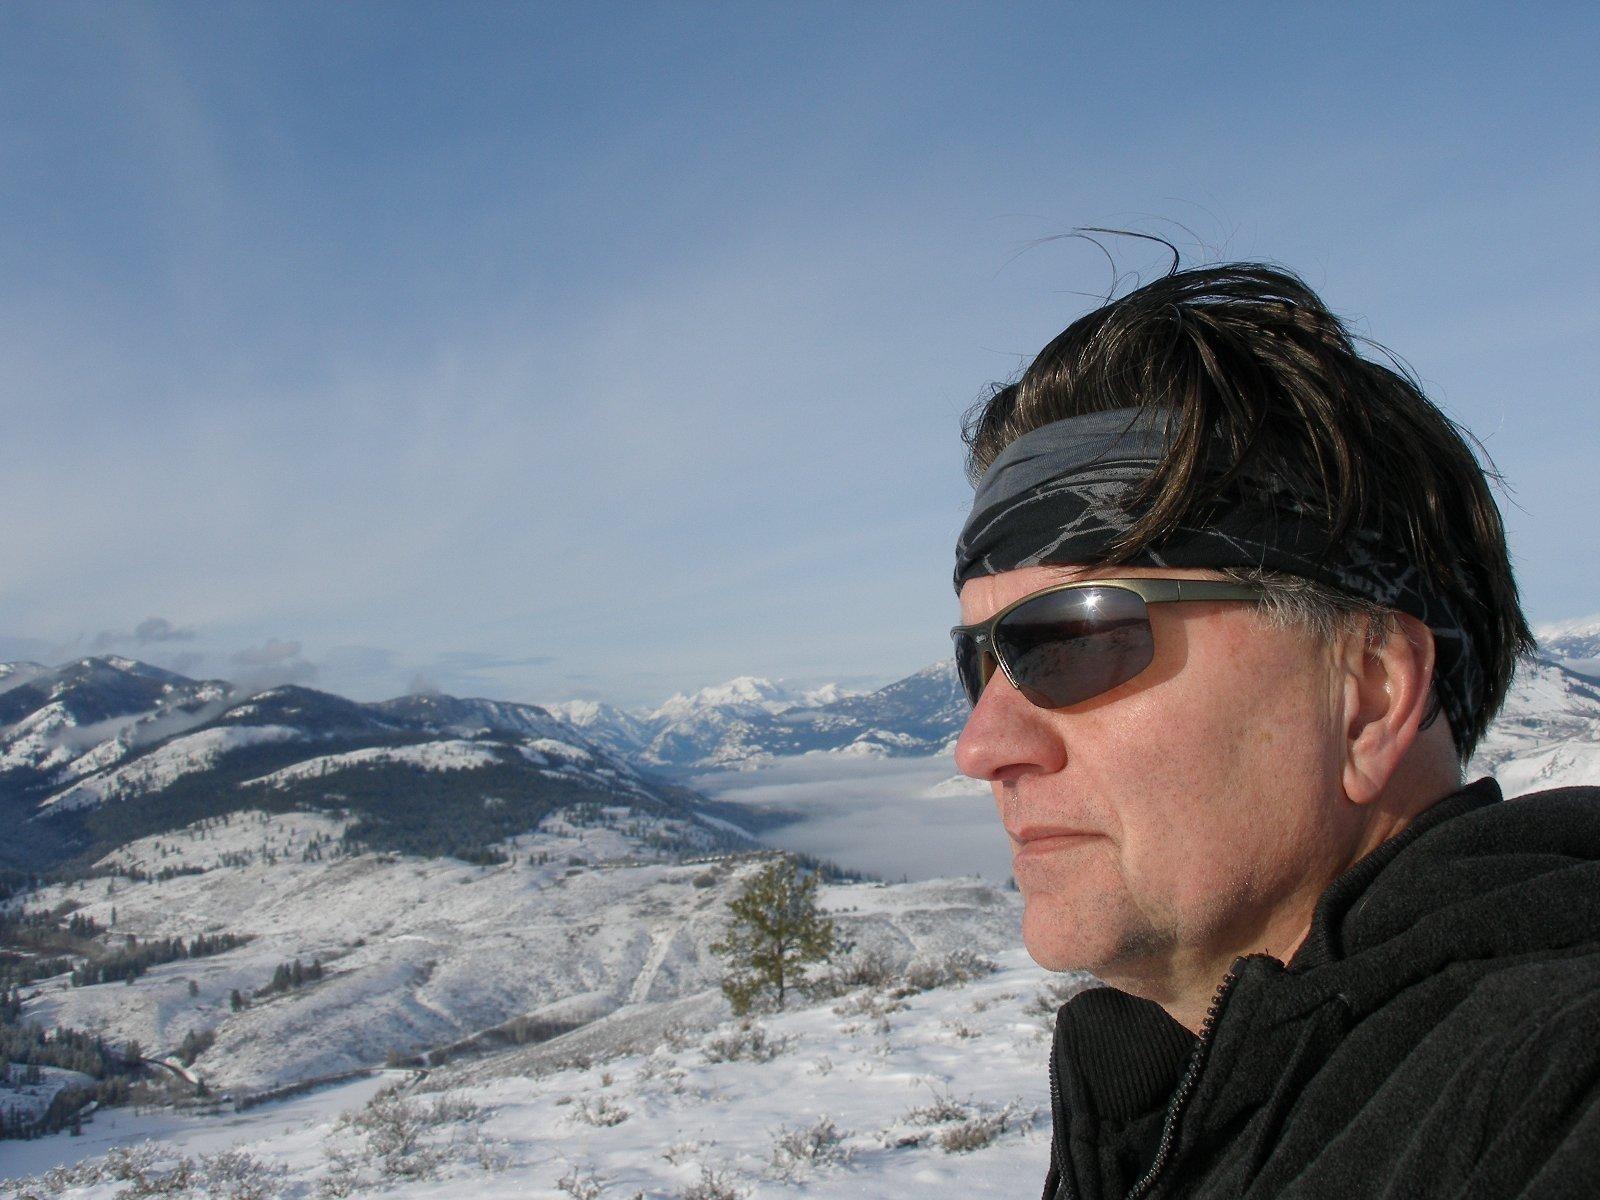 Mark Swenson is still missing